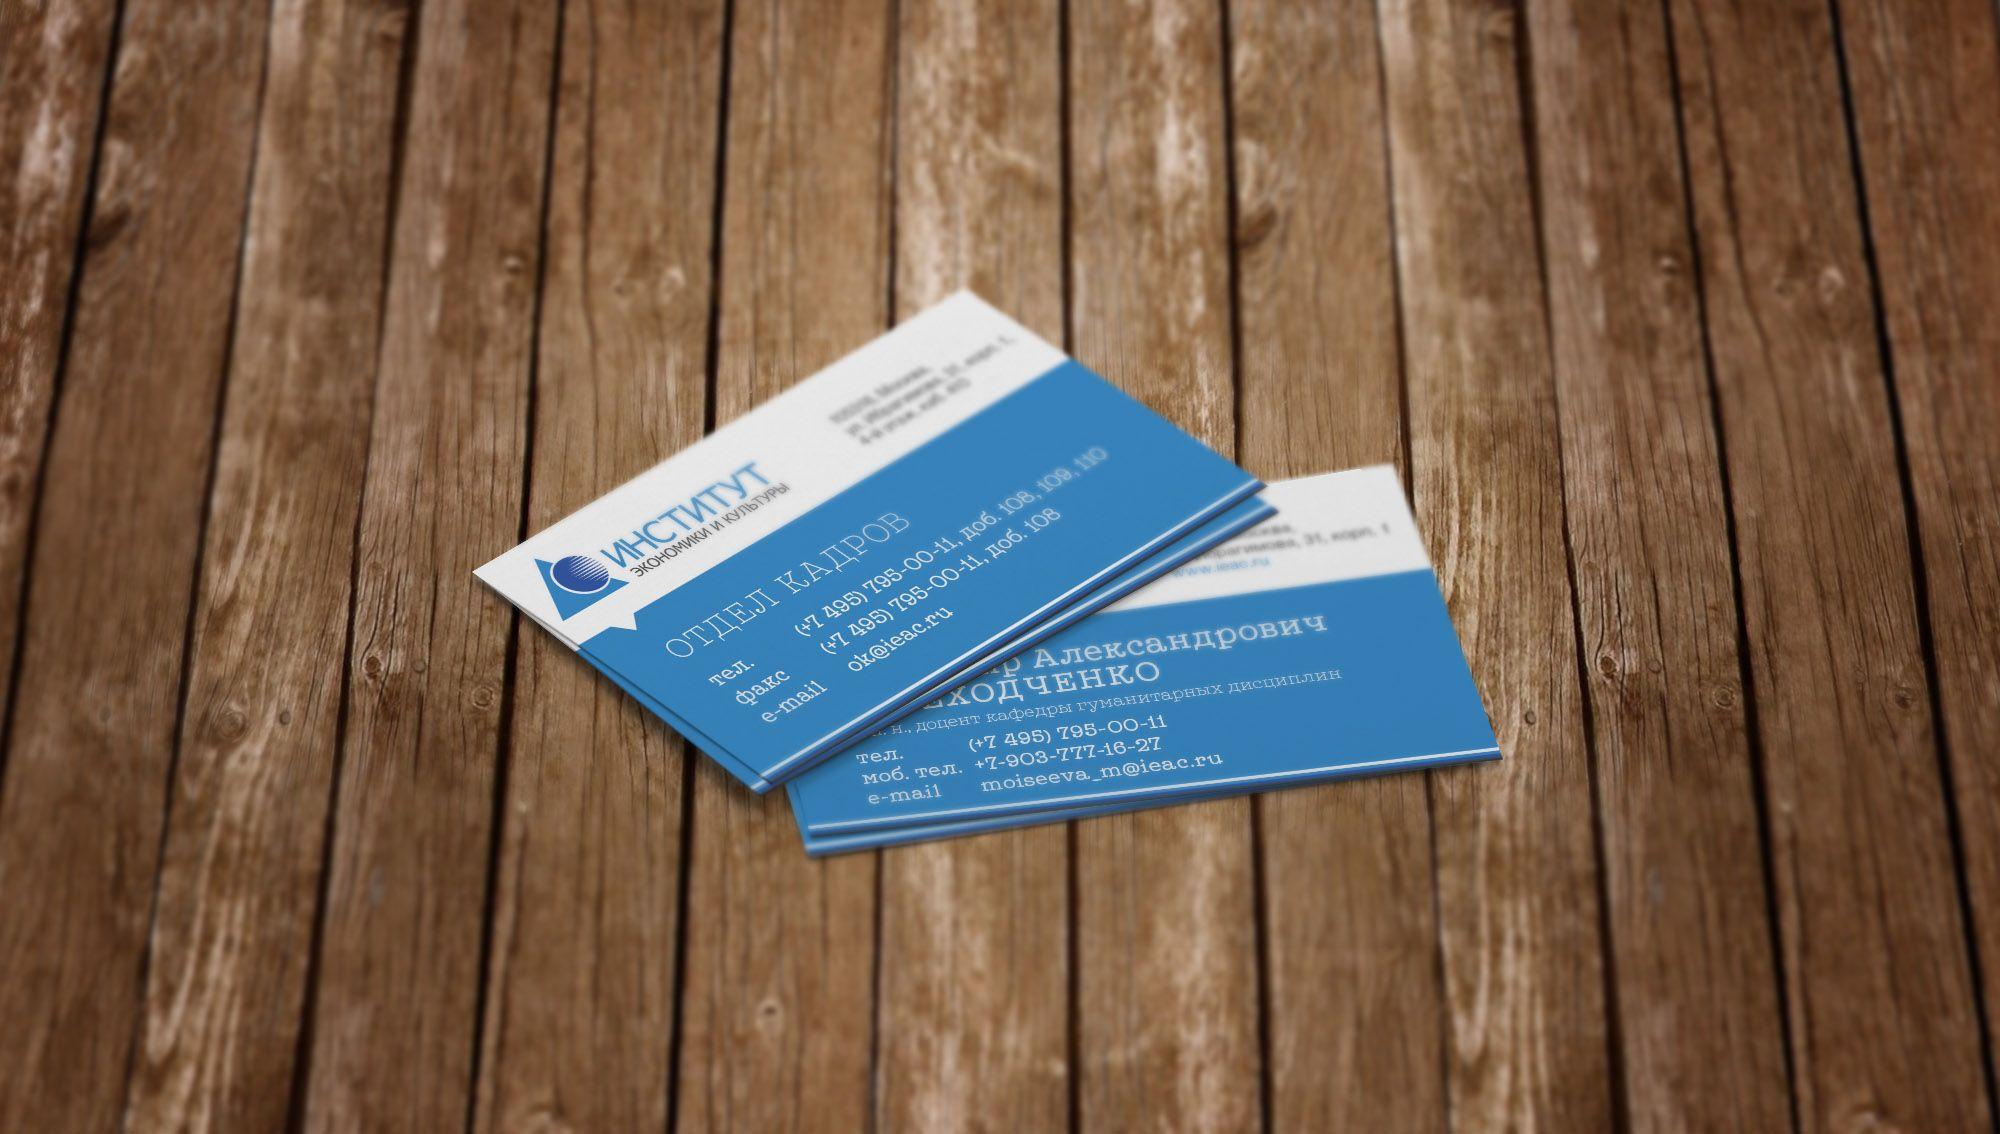 Визитные карточки для частного вуза - ИЭиК - дизайнер chumarkov